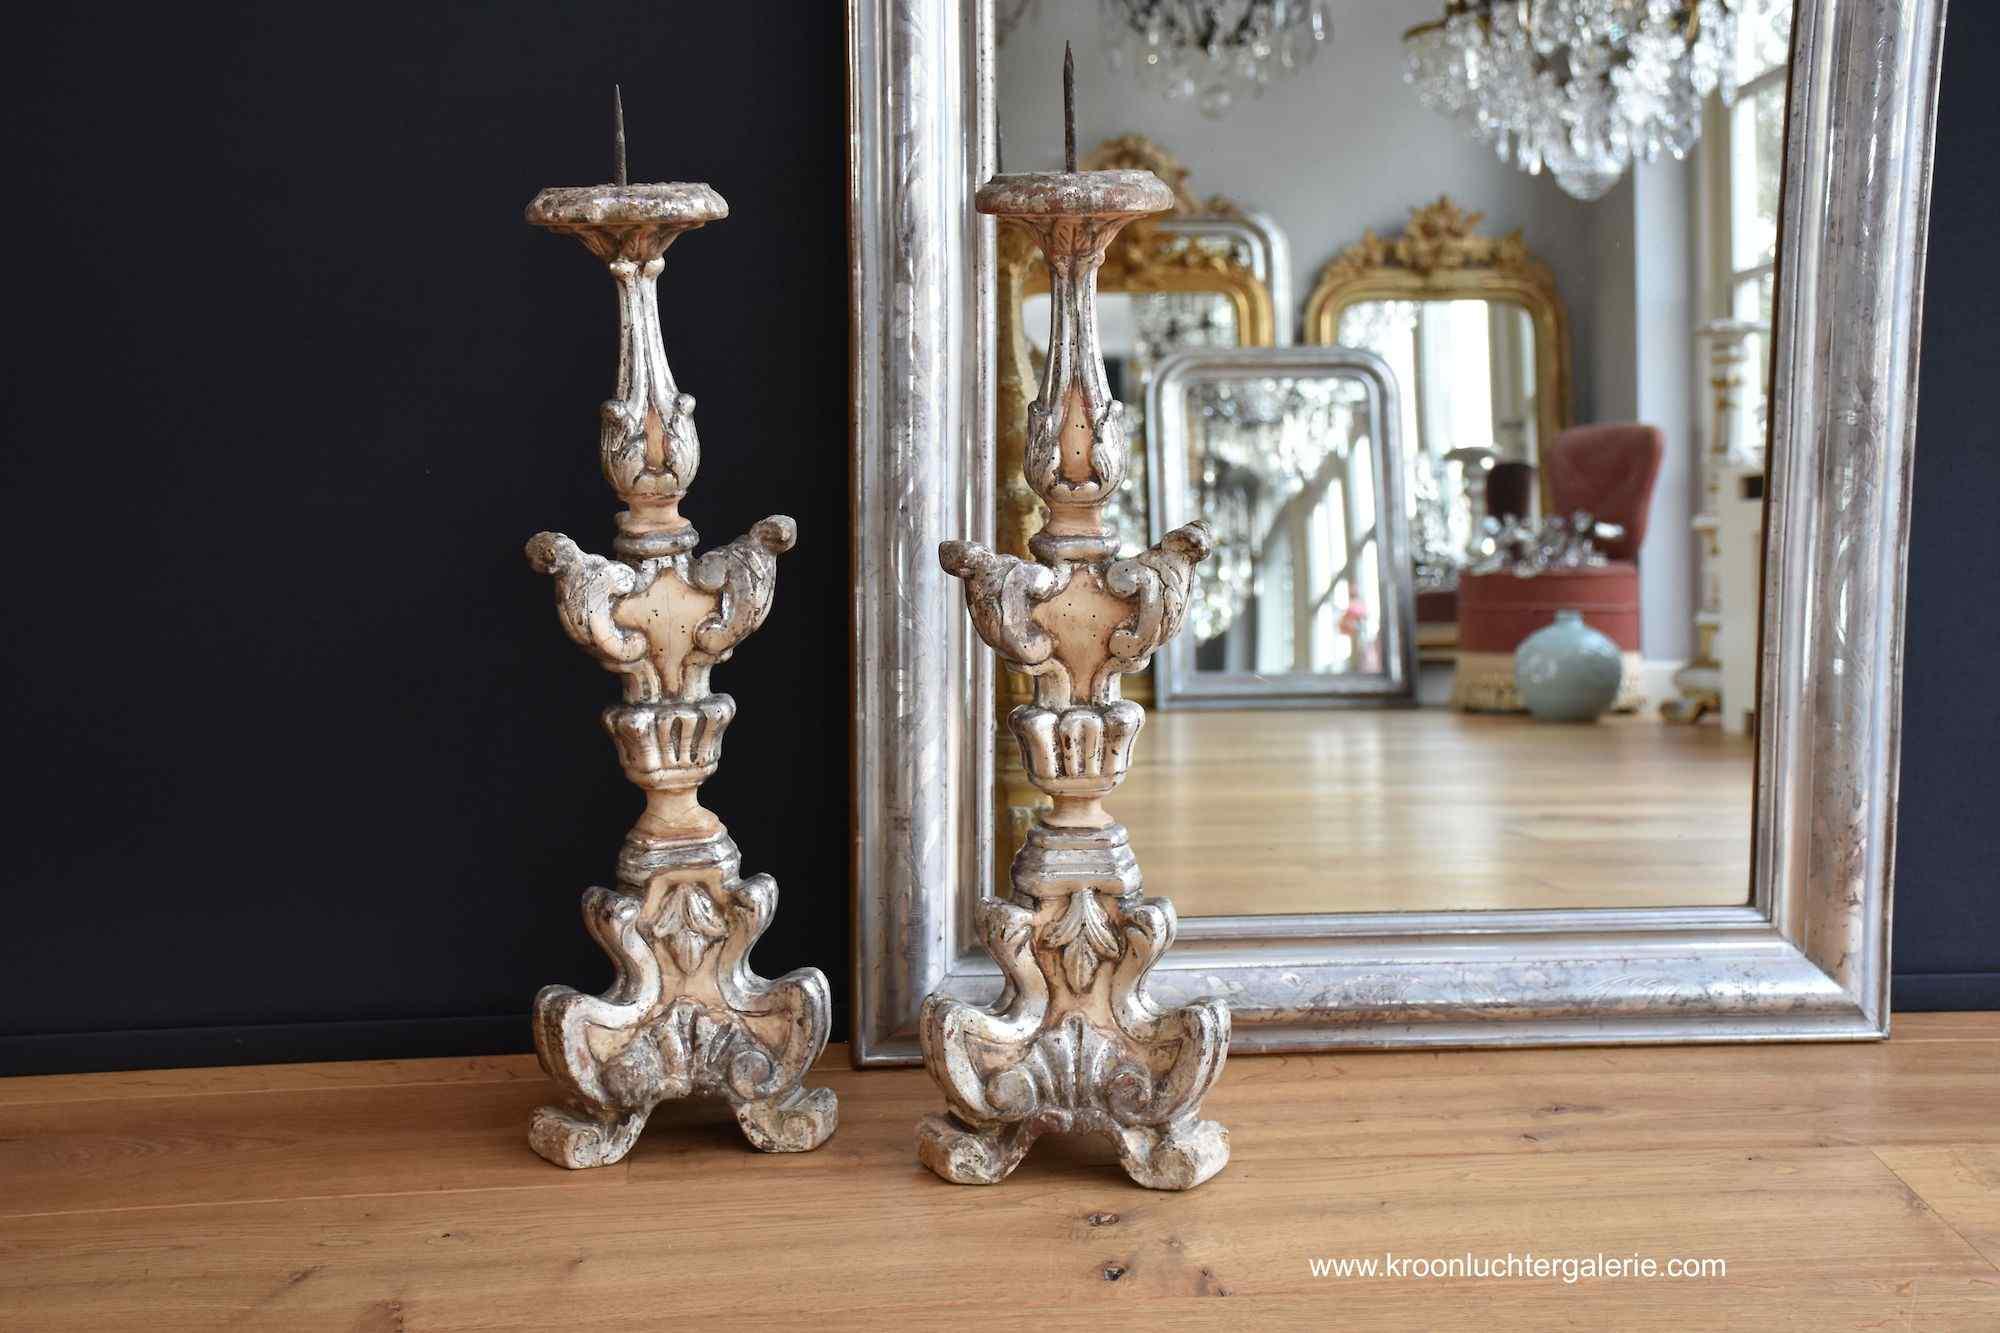 Une paire de 19e s. bougeoirs italiens sculptés et dorés